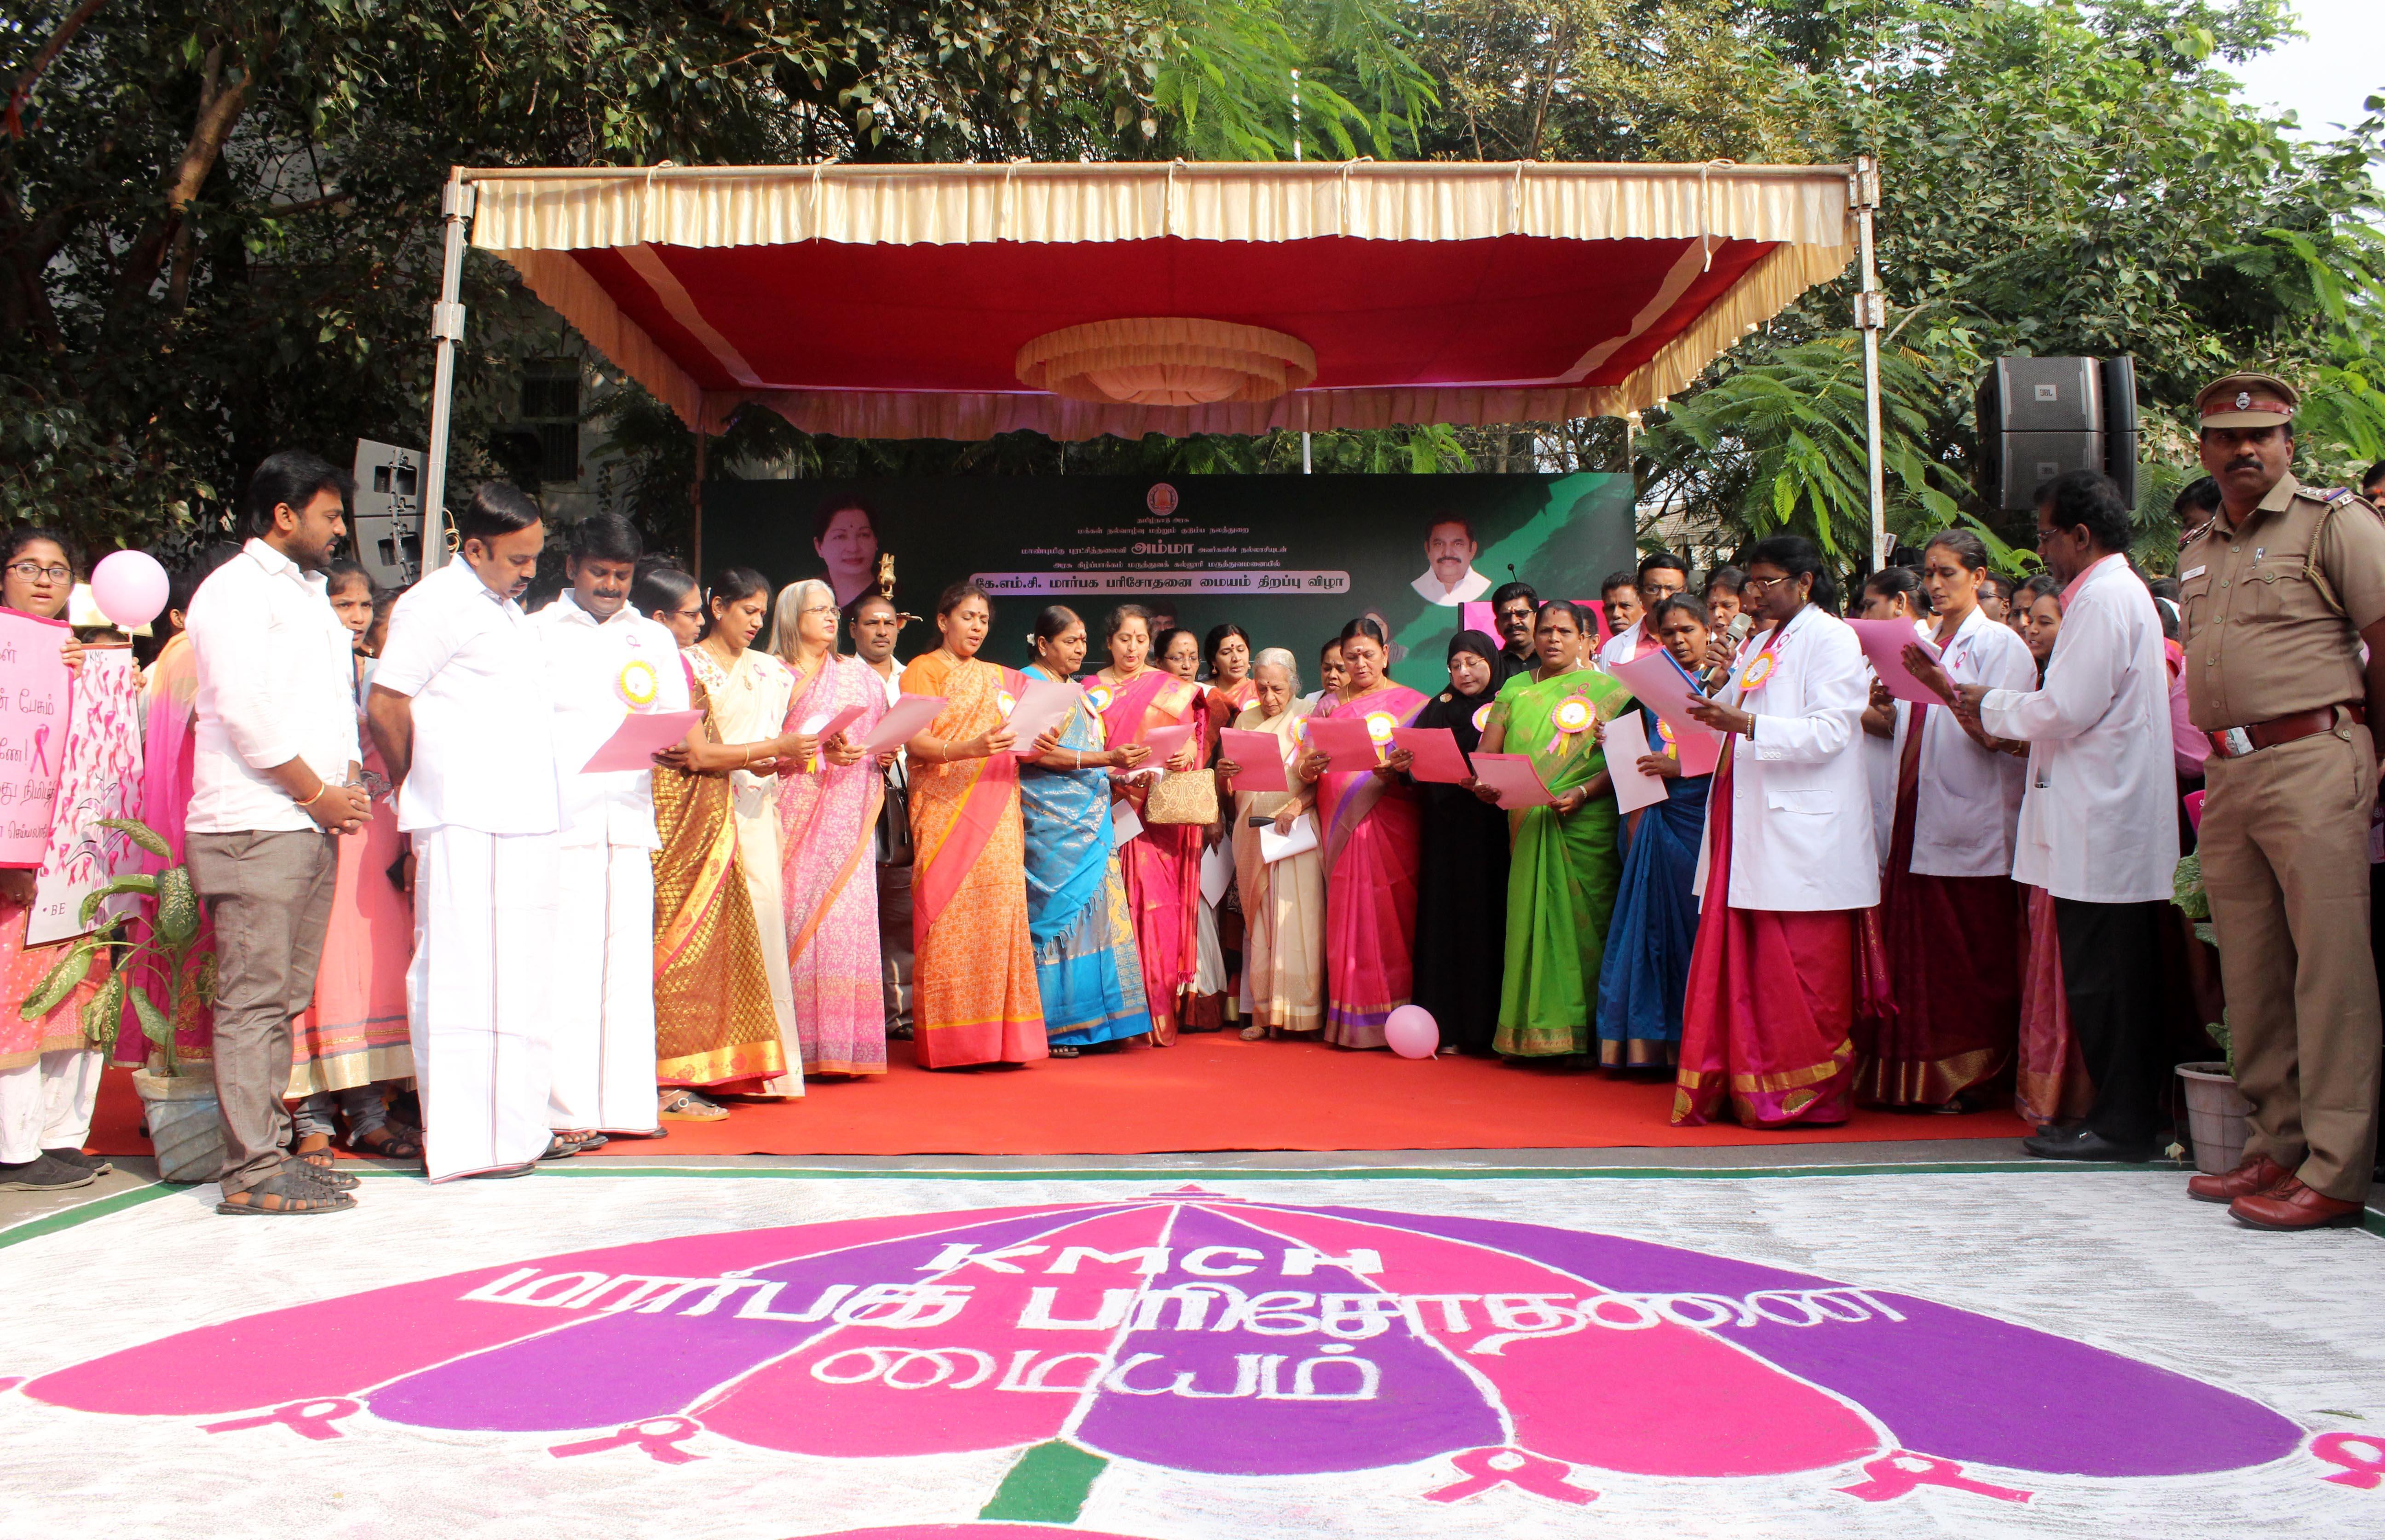 கீழ்ப்பாக்கம் அரசு மருத்துவக் கல்லூரி